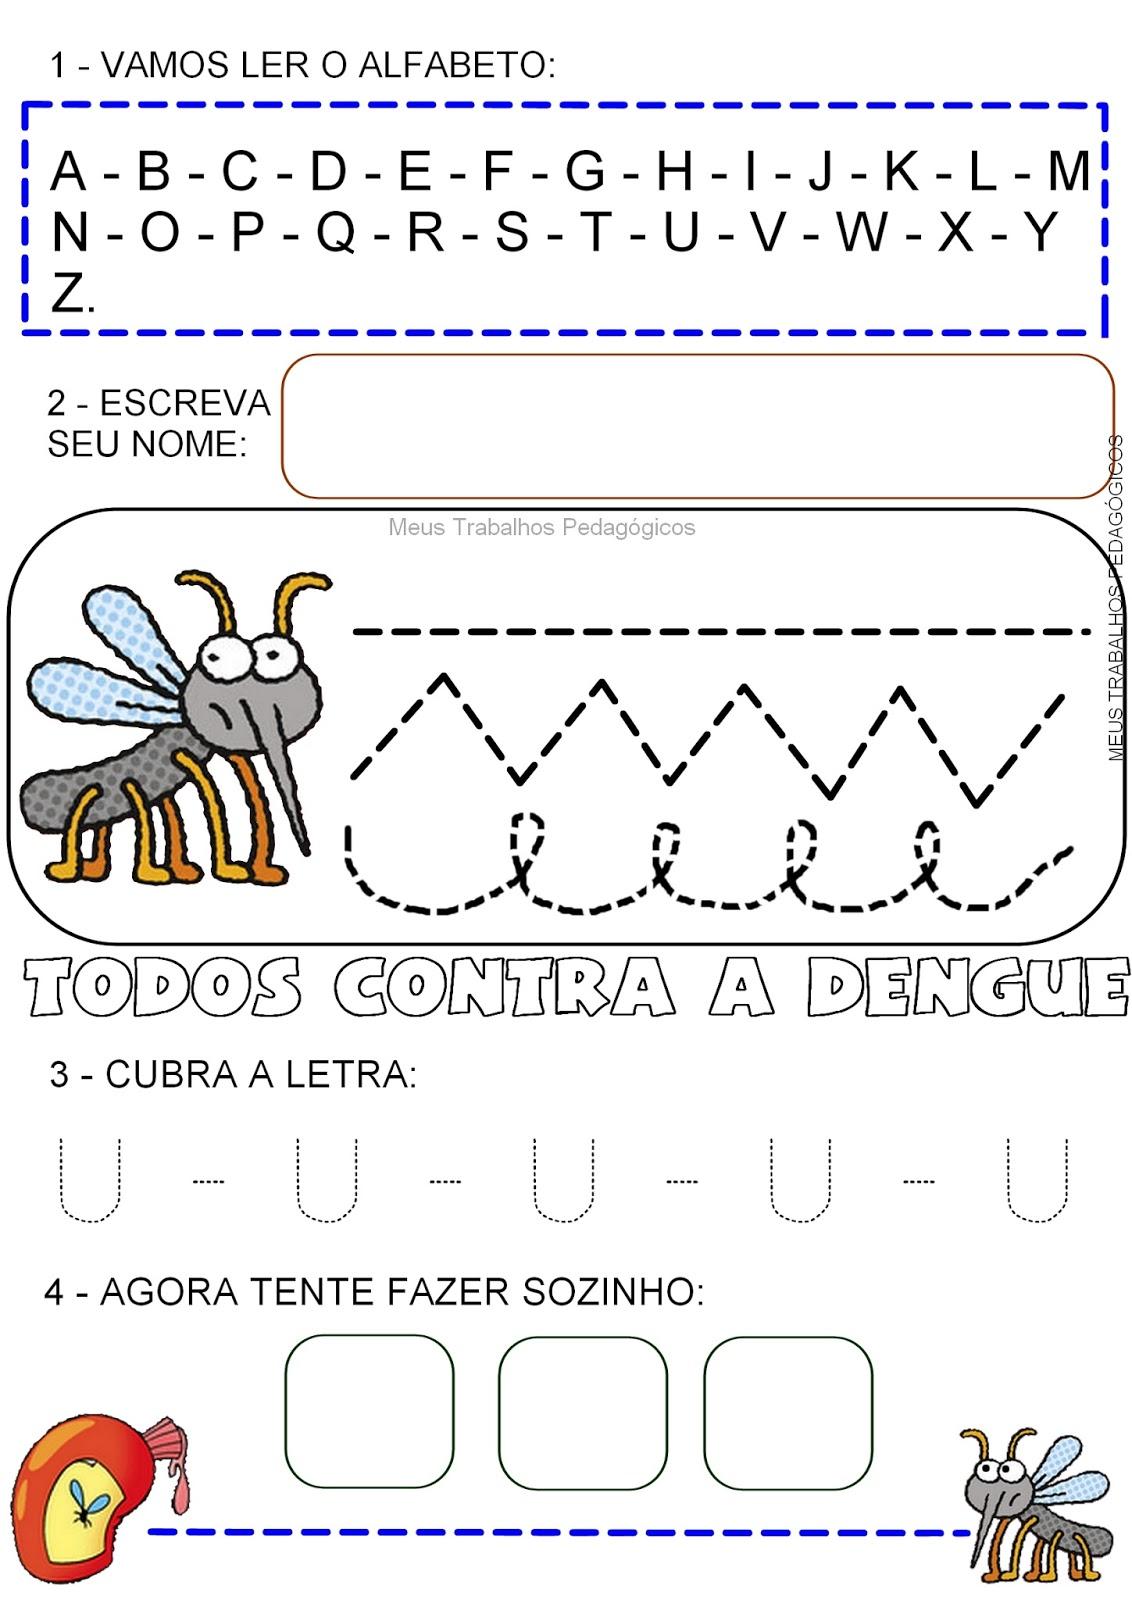 Preferência Atividade Dengue - Pontilhado Alfabeto U - Ensino Já OI42